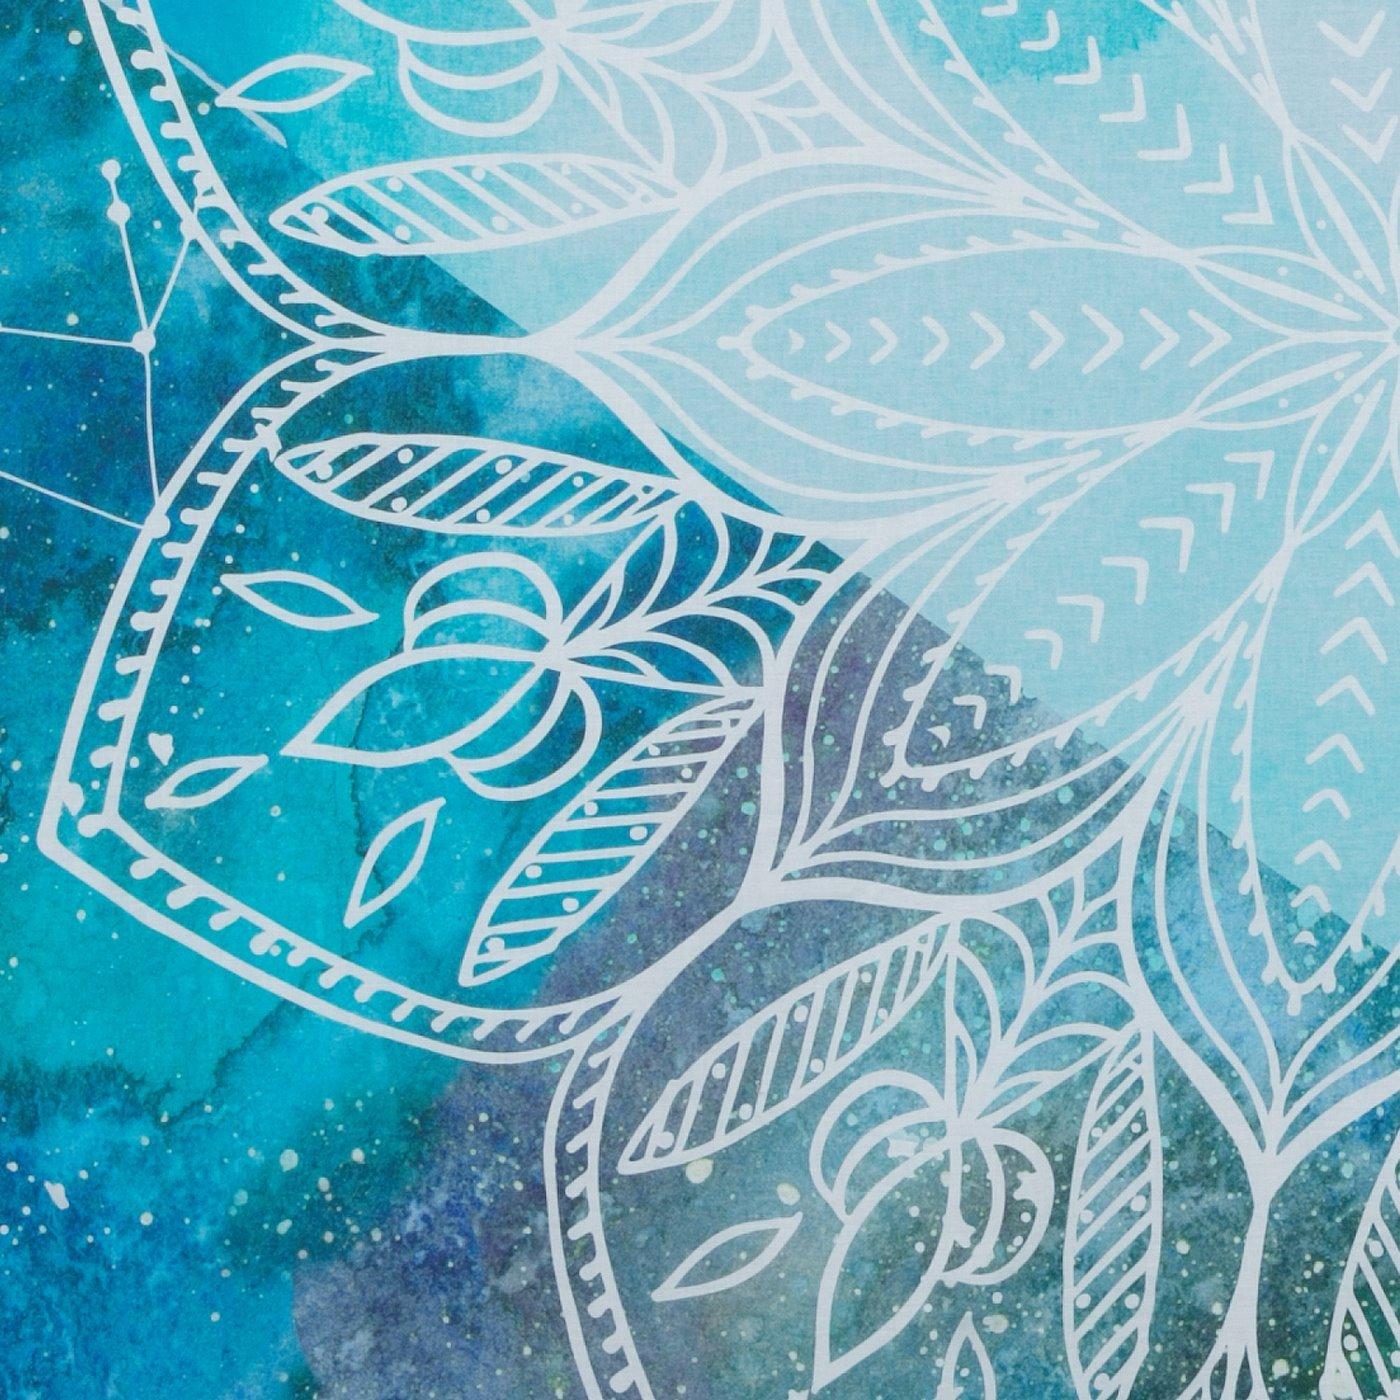 Komplet pościeli bawełnianej 220 x 200, 2 szt. 70 x 80 nadruk z mandalą hiszpańska bawełna